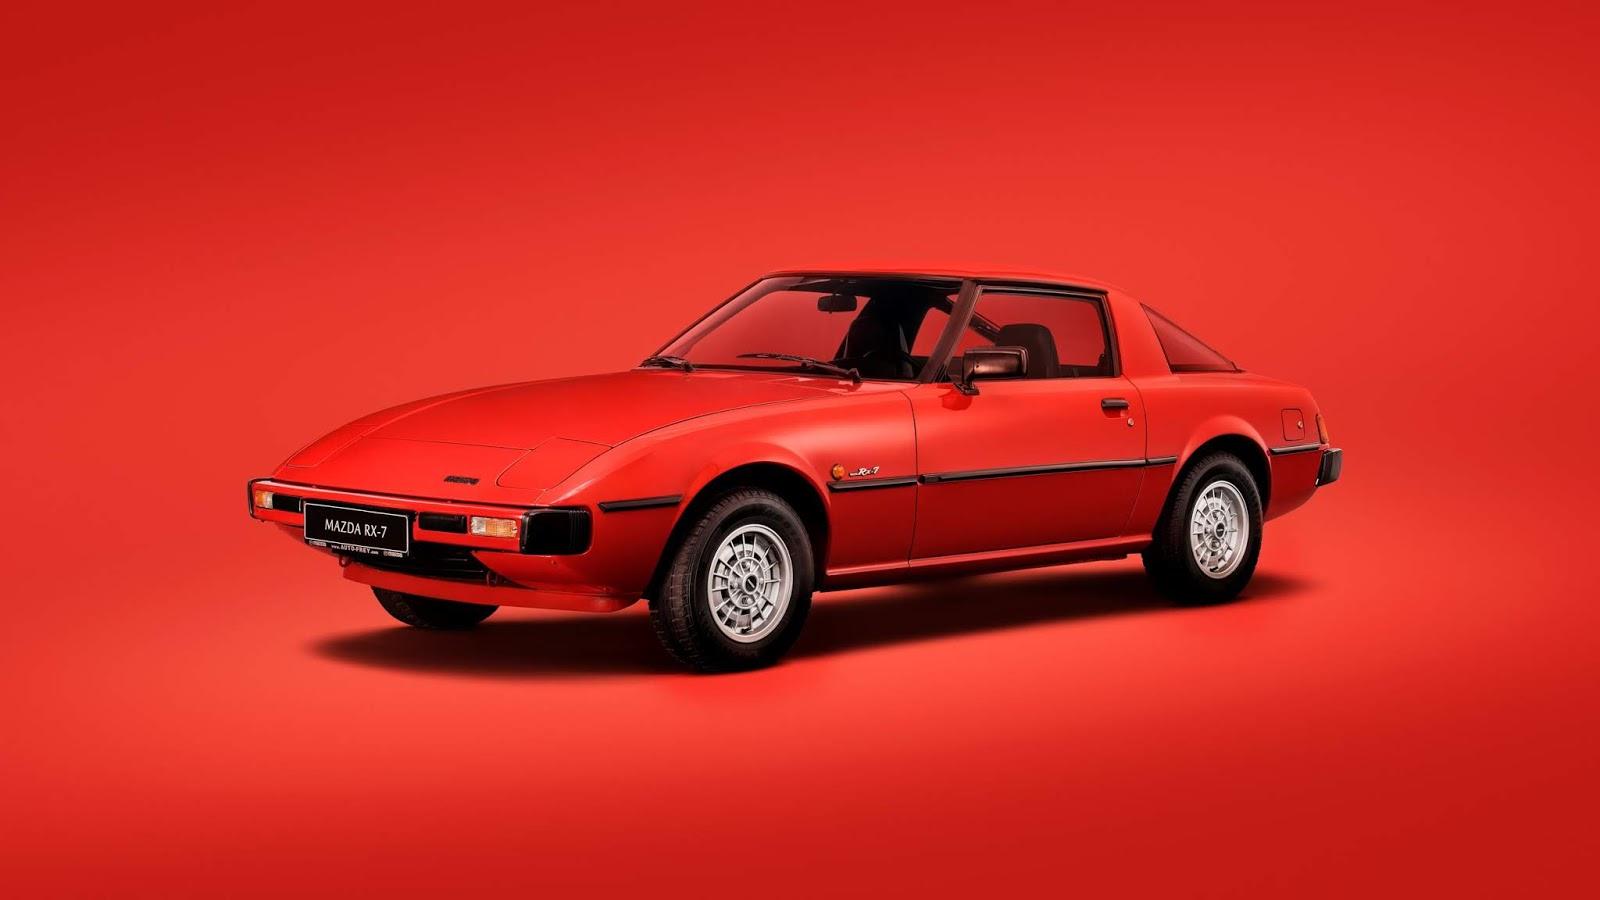 RX 7 0012B252812529 Mazda RX-7. Επαναπροσδιορίζοντας την οδηγική απόλαυση μέσω του περιστροφικού κινητήρα Mazda, Mazda RX-7, Rotary, RX7, Wankel, zblog